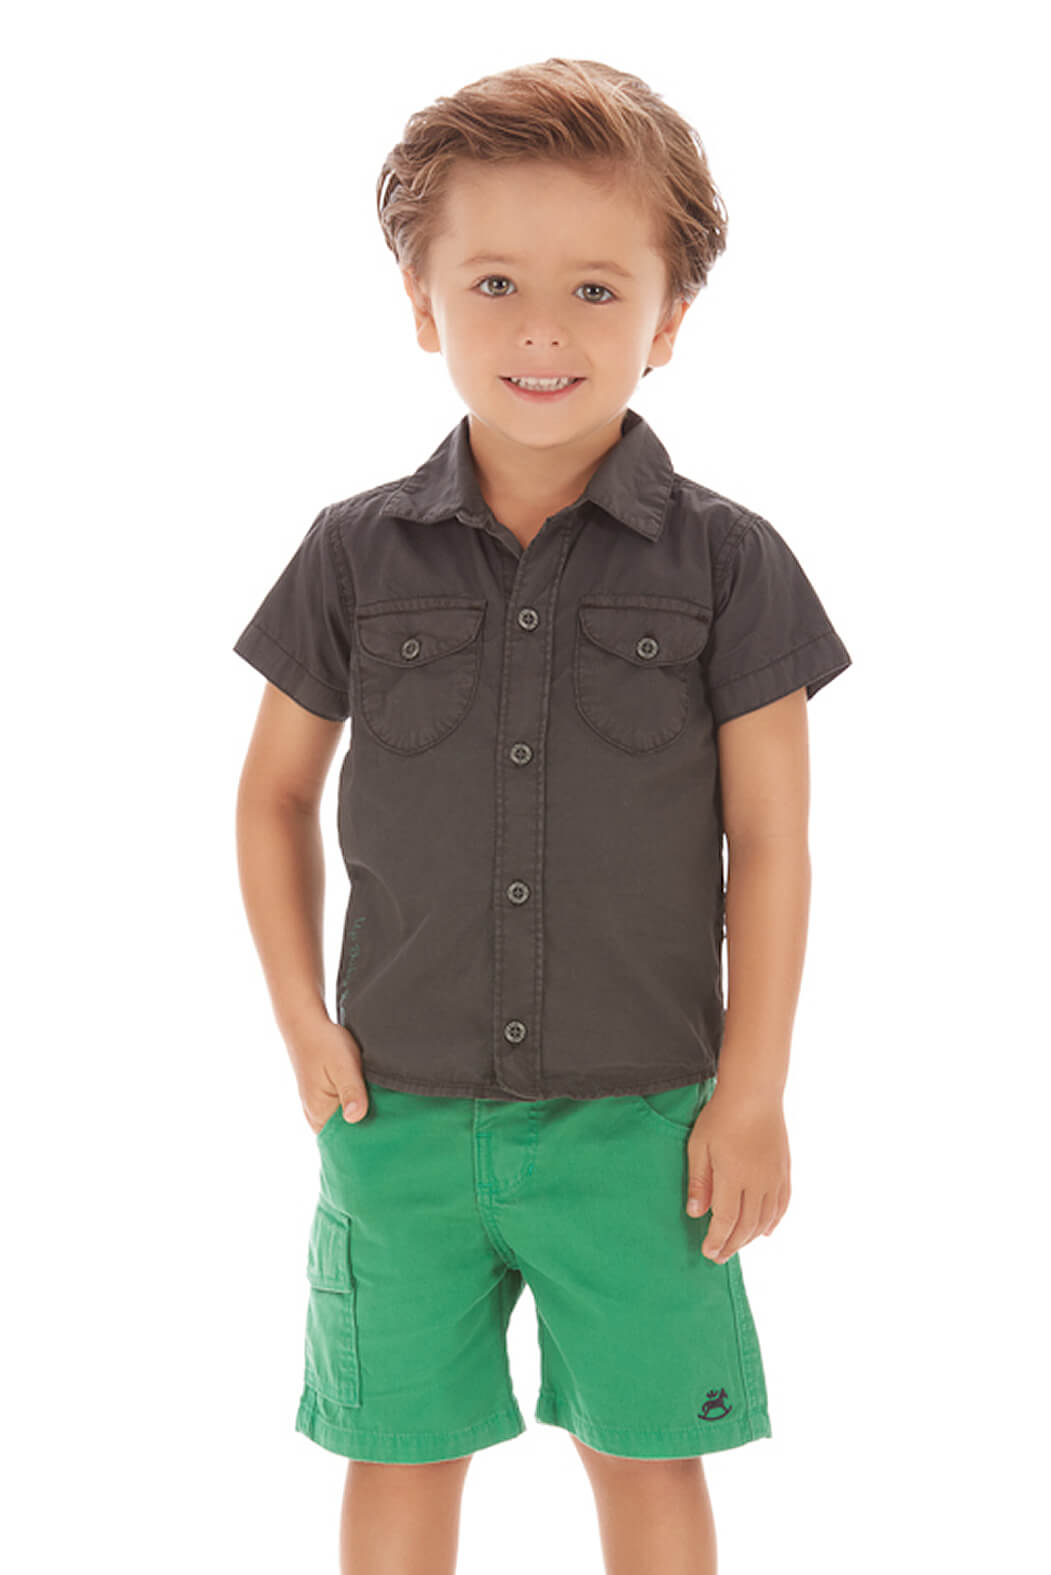 Conjunto Menino Camisa Grafite e Bermuda Sarja Verde Up Baby 2 anos